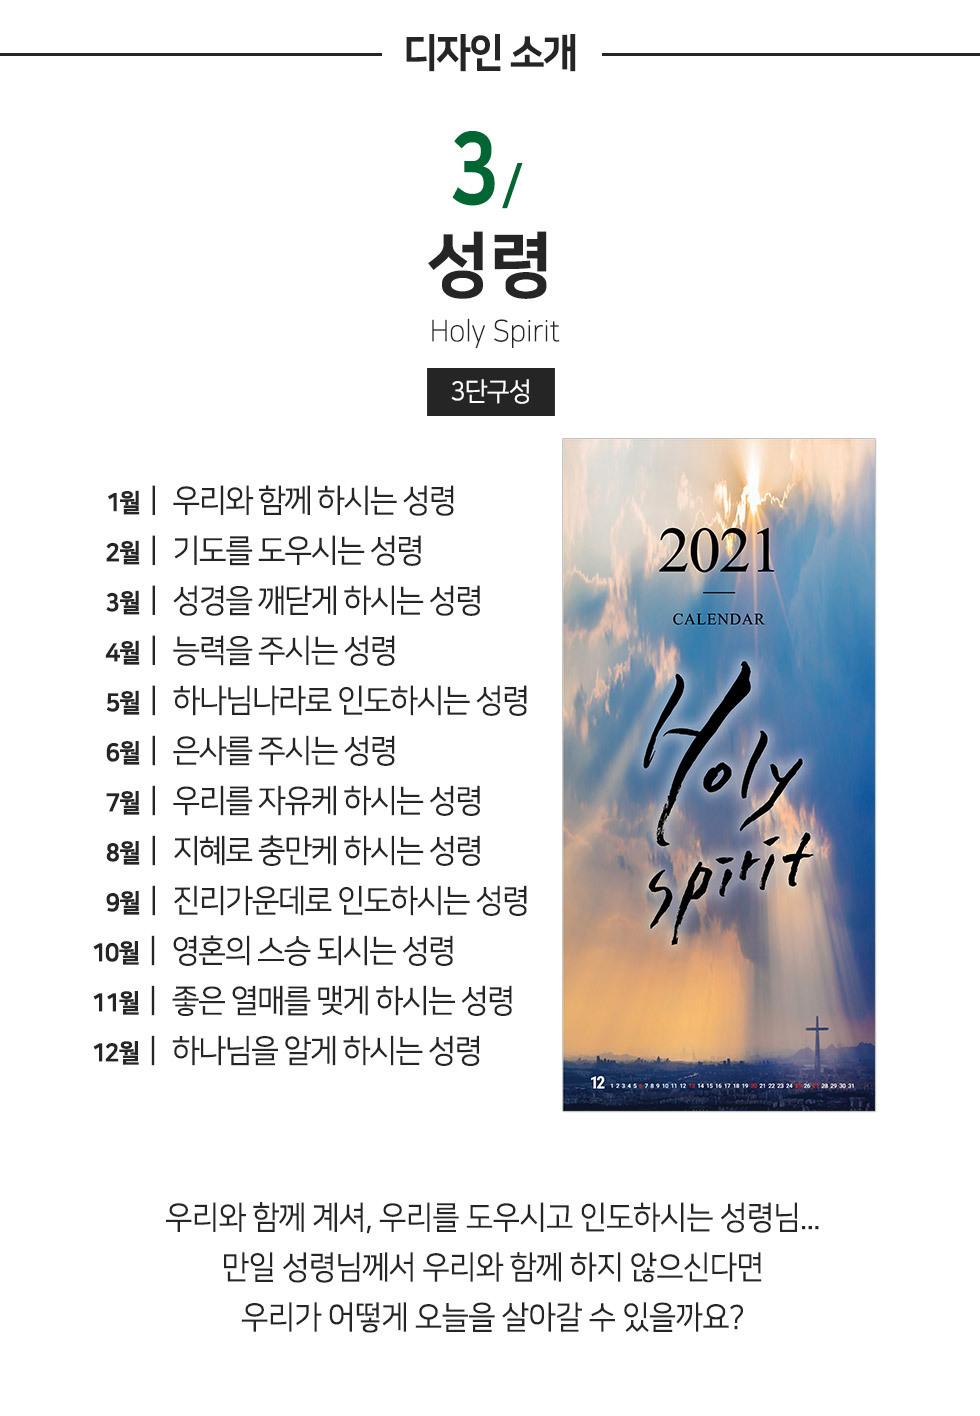 2021년 개인용 벽걸이달력 7종 성령 Holy Spirit